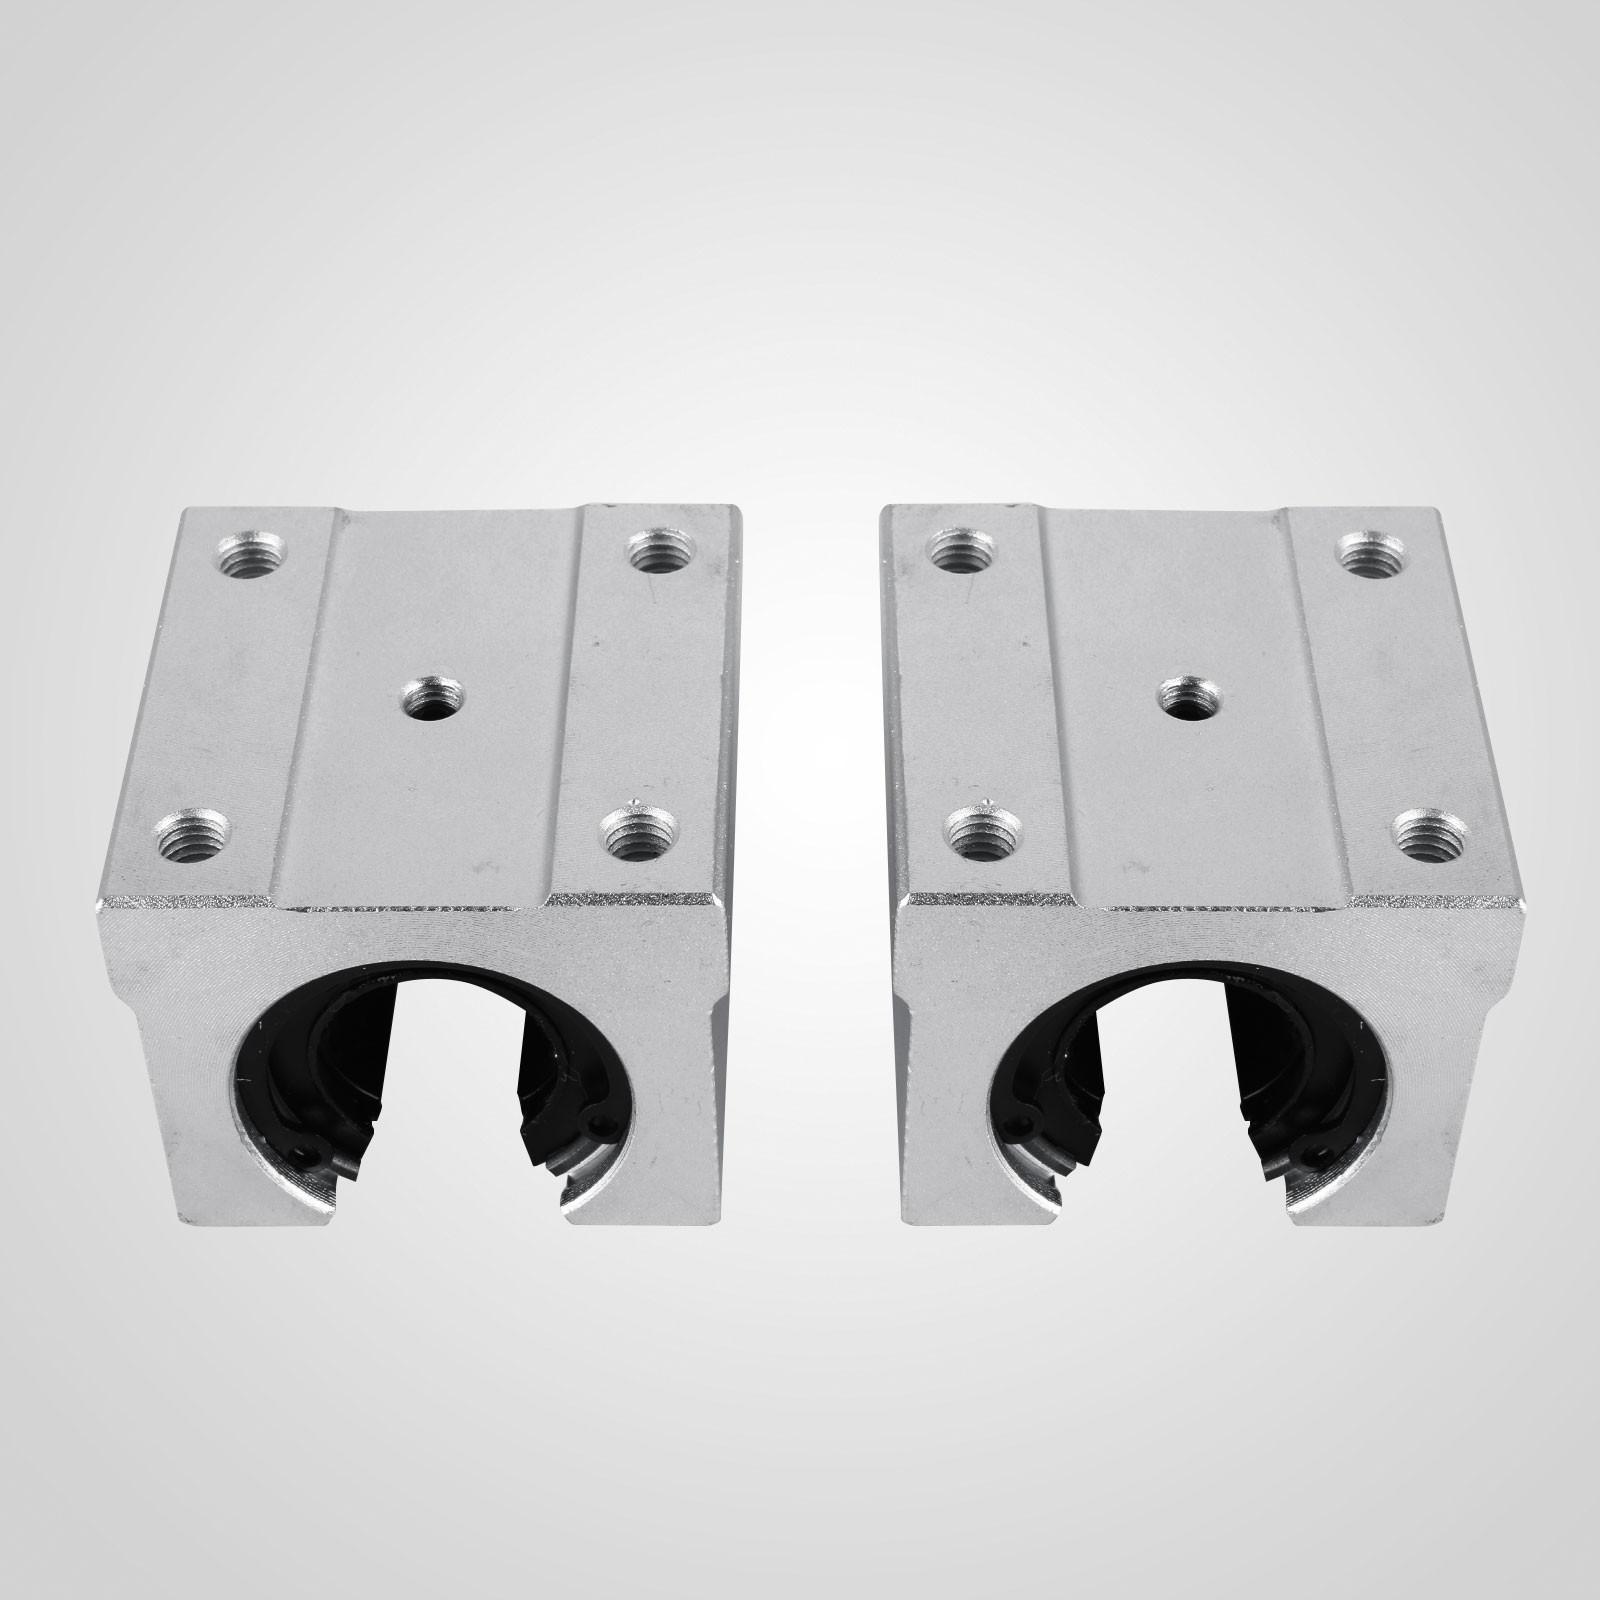 Linear Rail 2XSBR20-1200mm Rails 4XSBR20UU Blocks CNC Routers Bearing Lathes